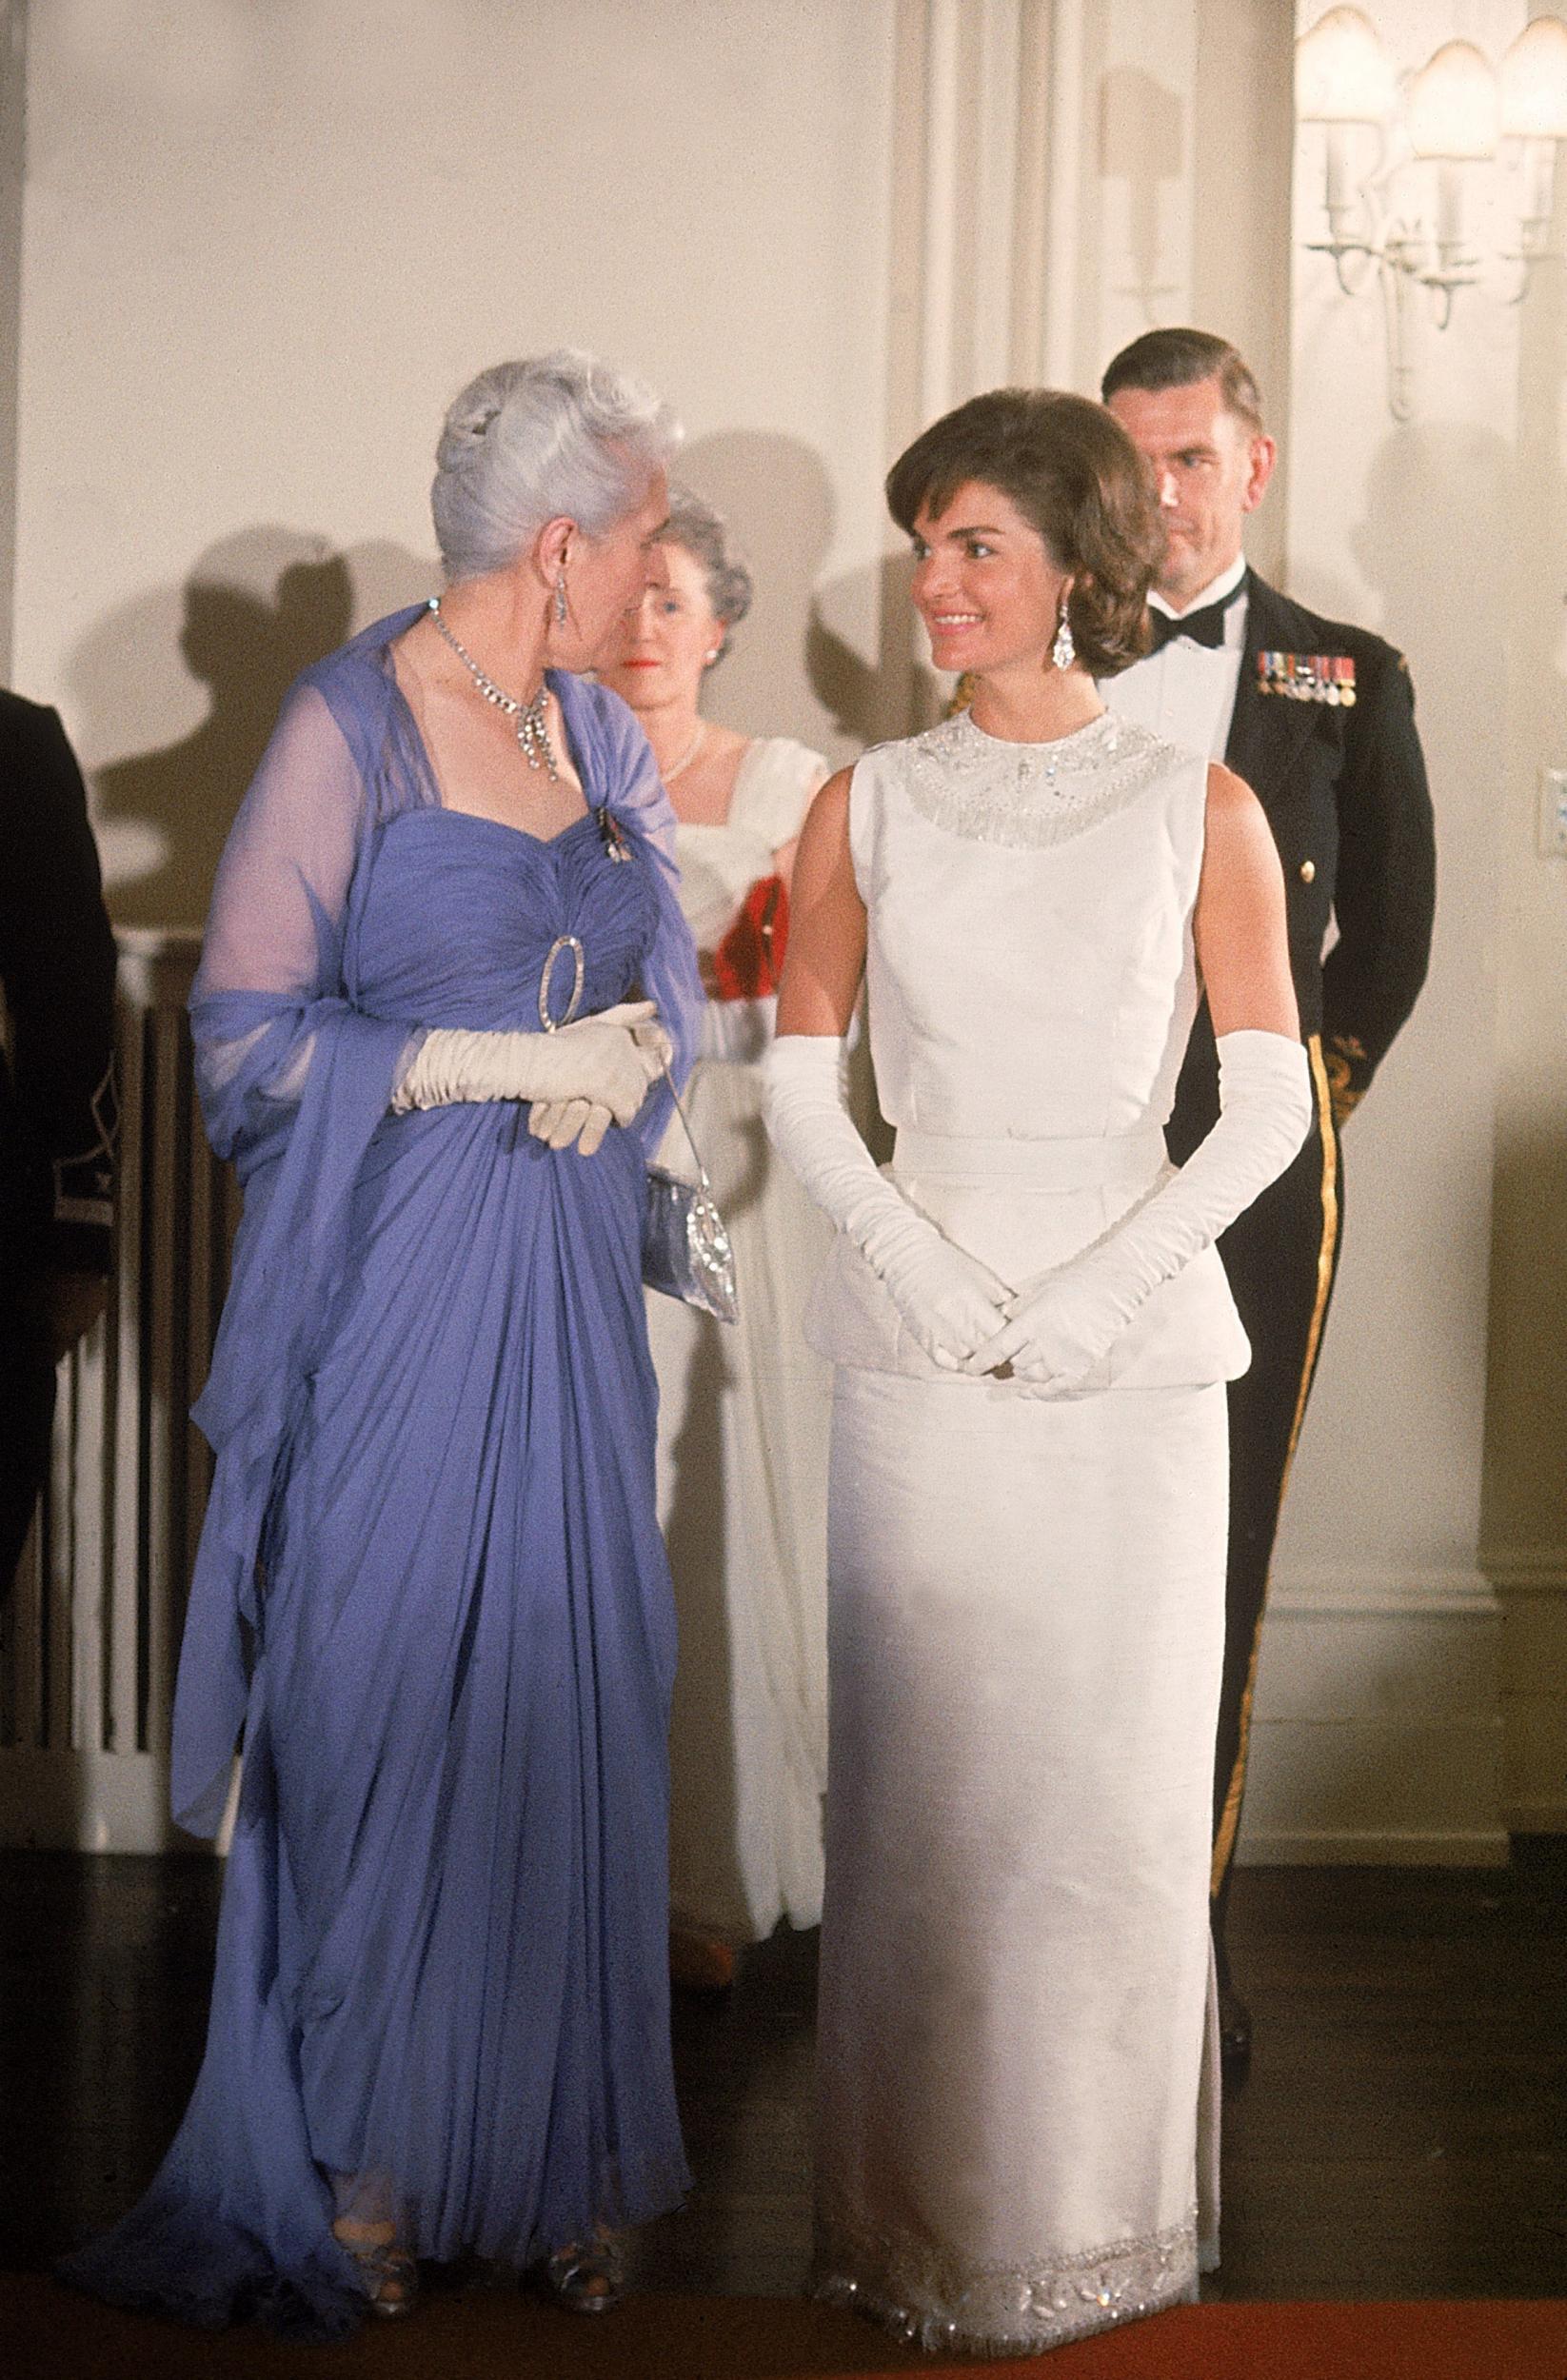 Biểu tượng thời trang Jackie Kennedy thanh lịch trong chiếc đầm dạ hội trắng